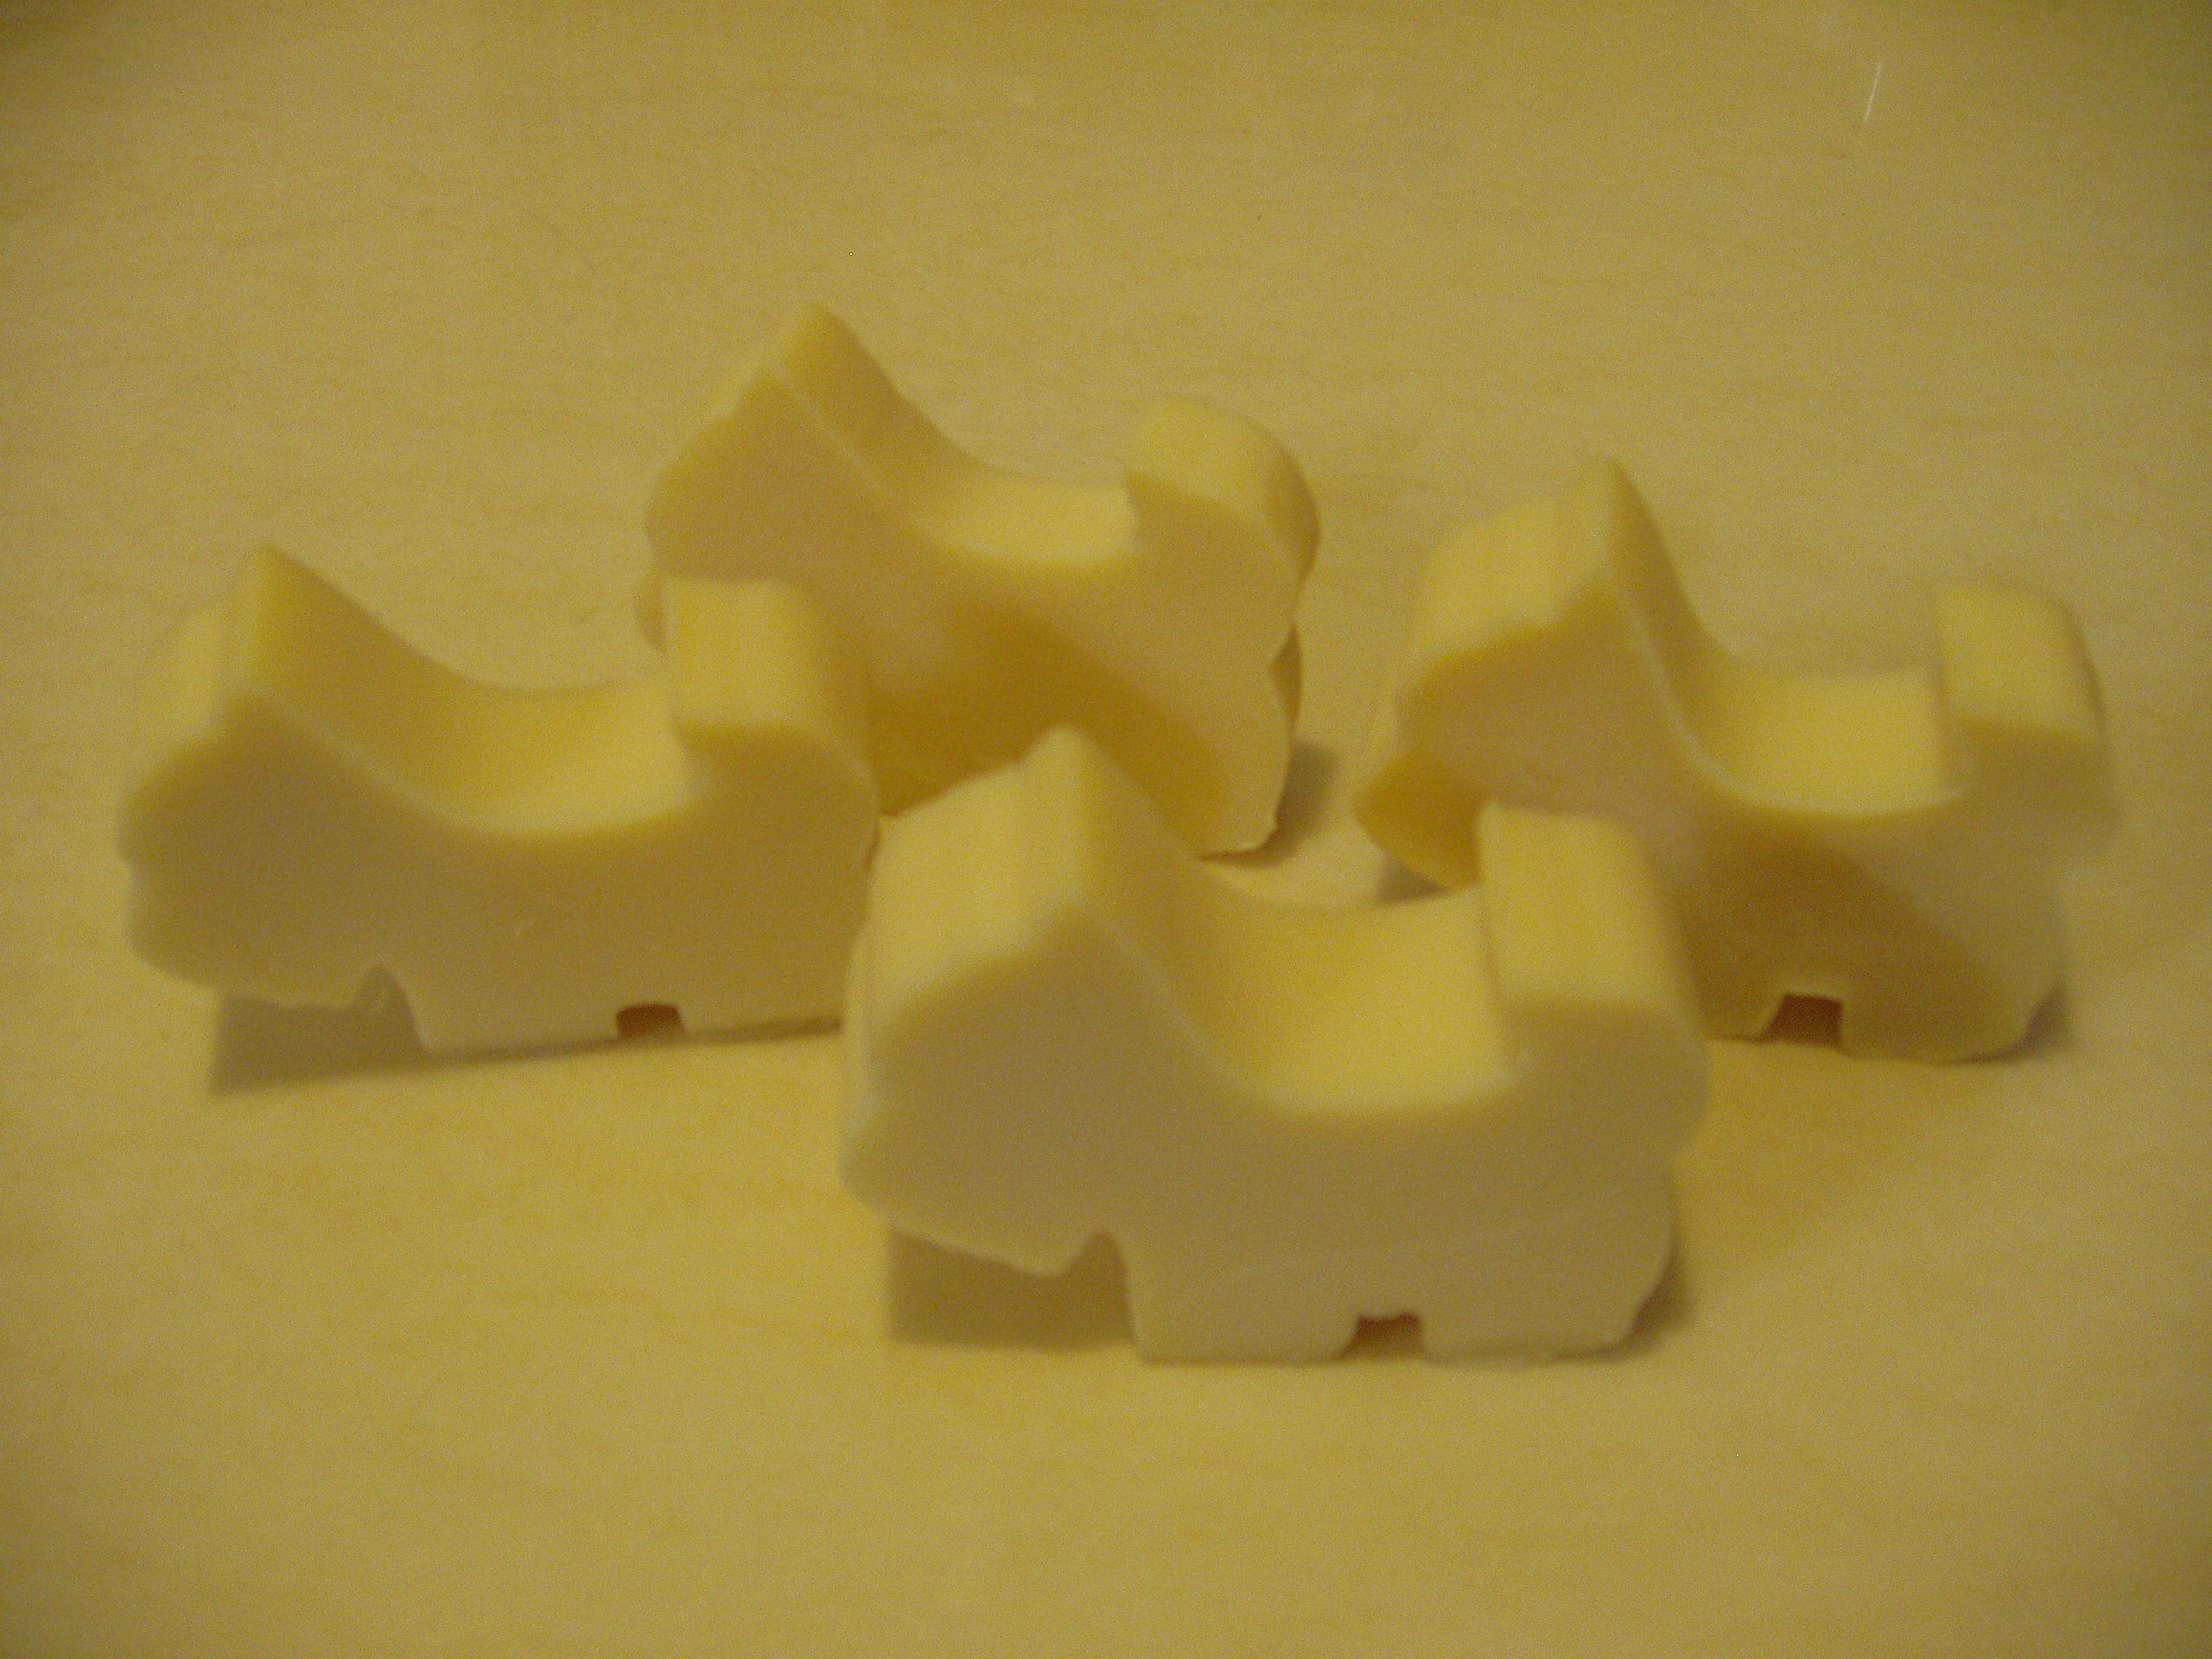 藝術手工香皂造形